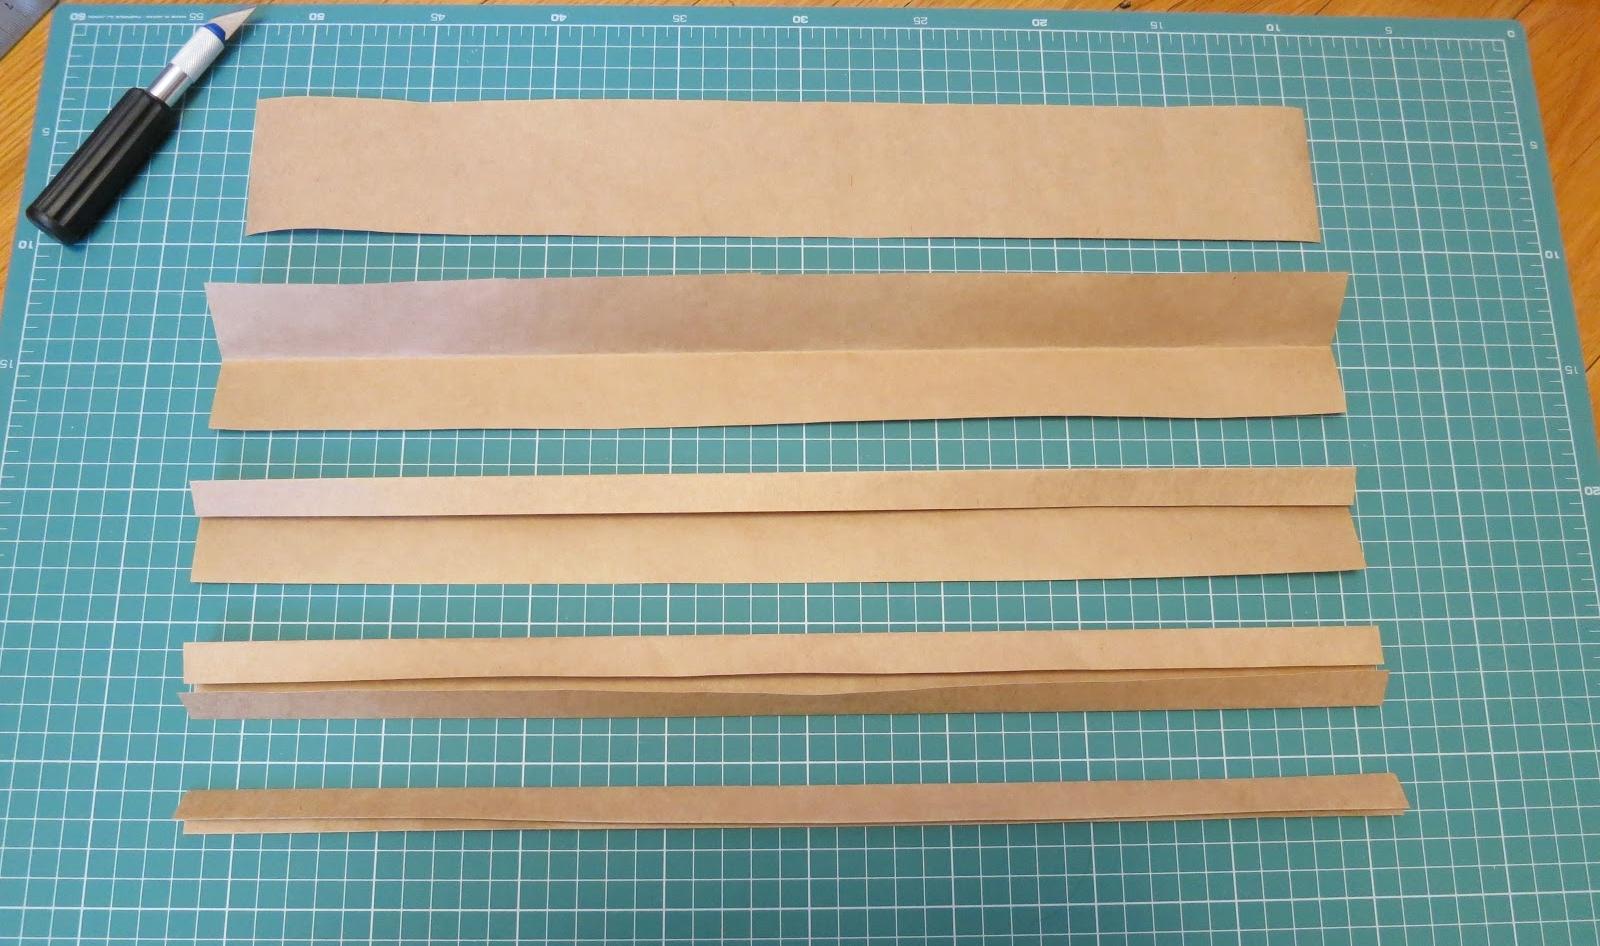 Обрезка крафтовой бумаги